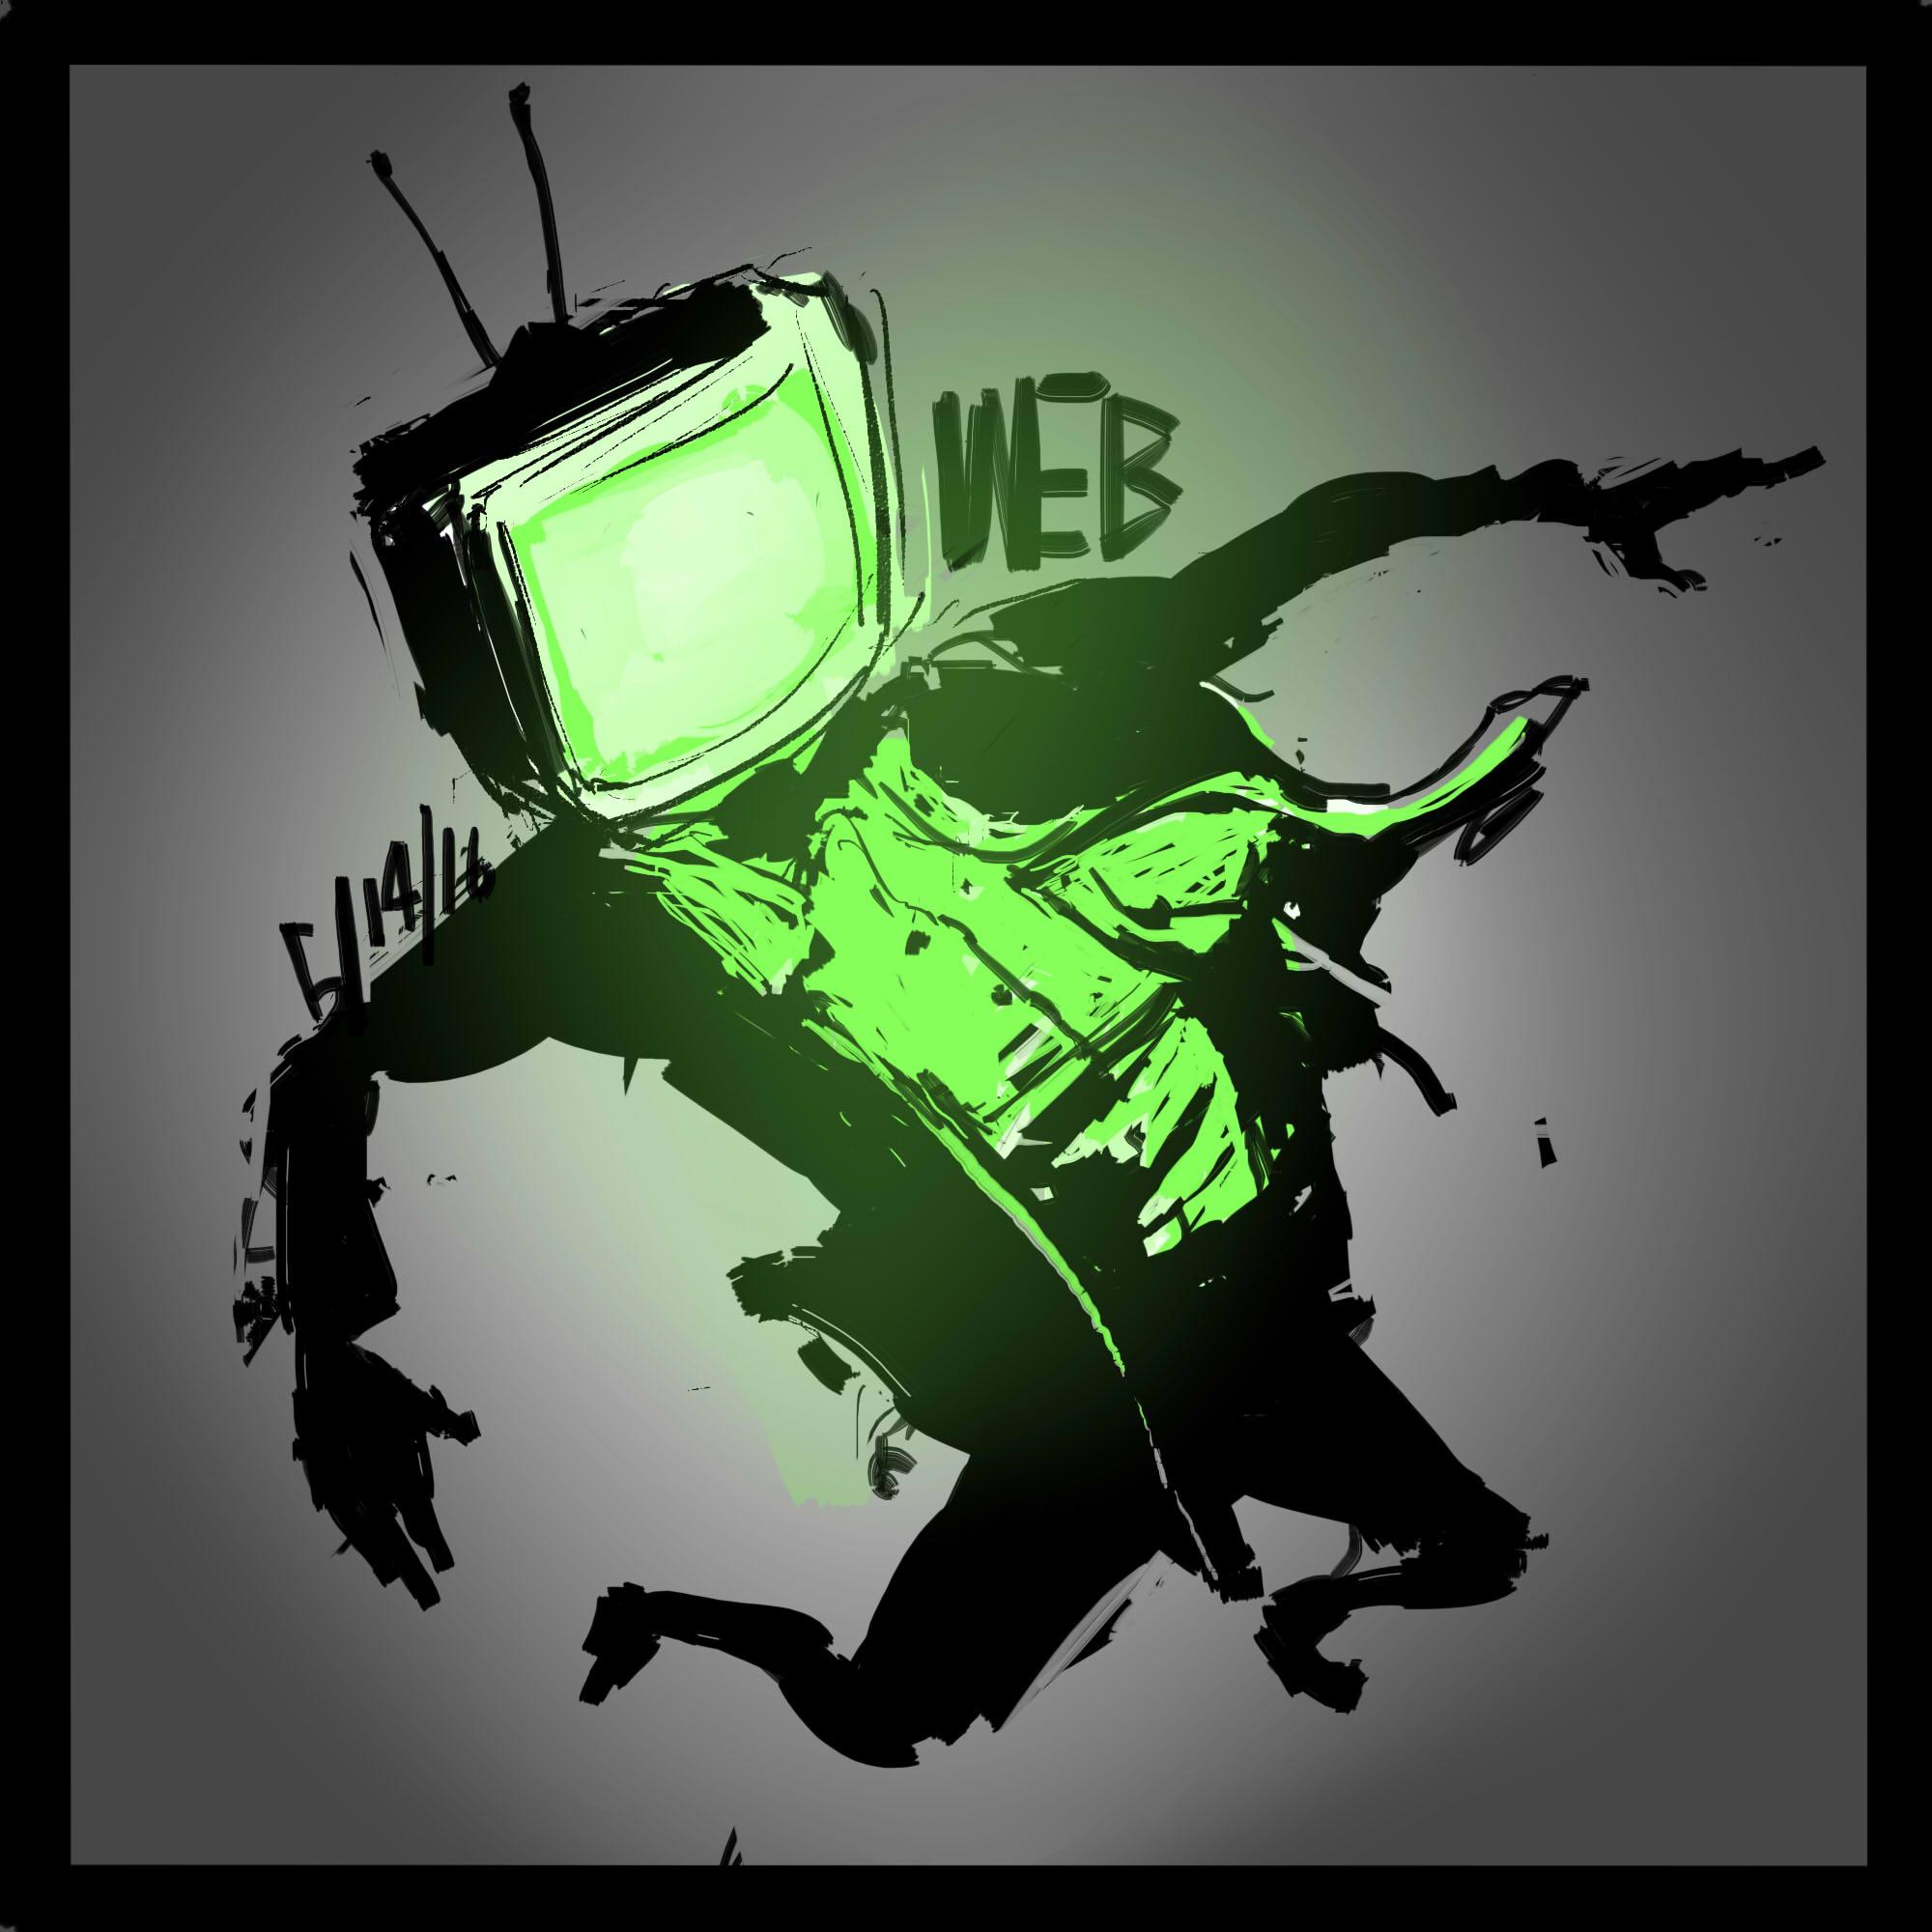 Its a tv